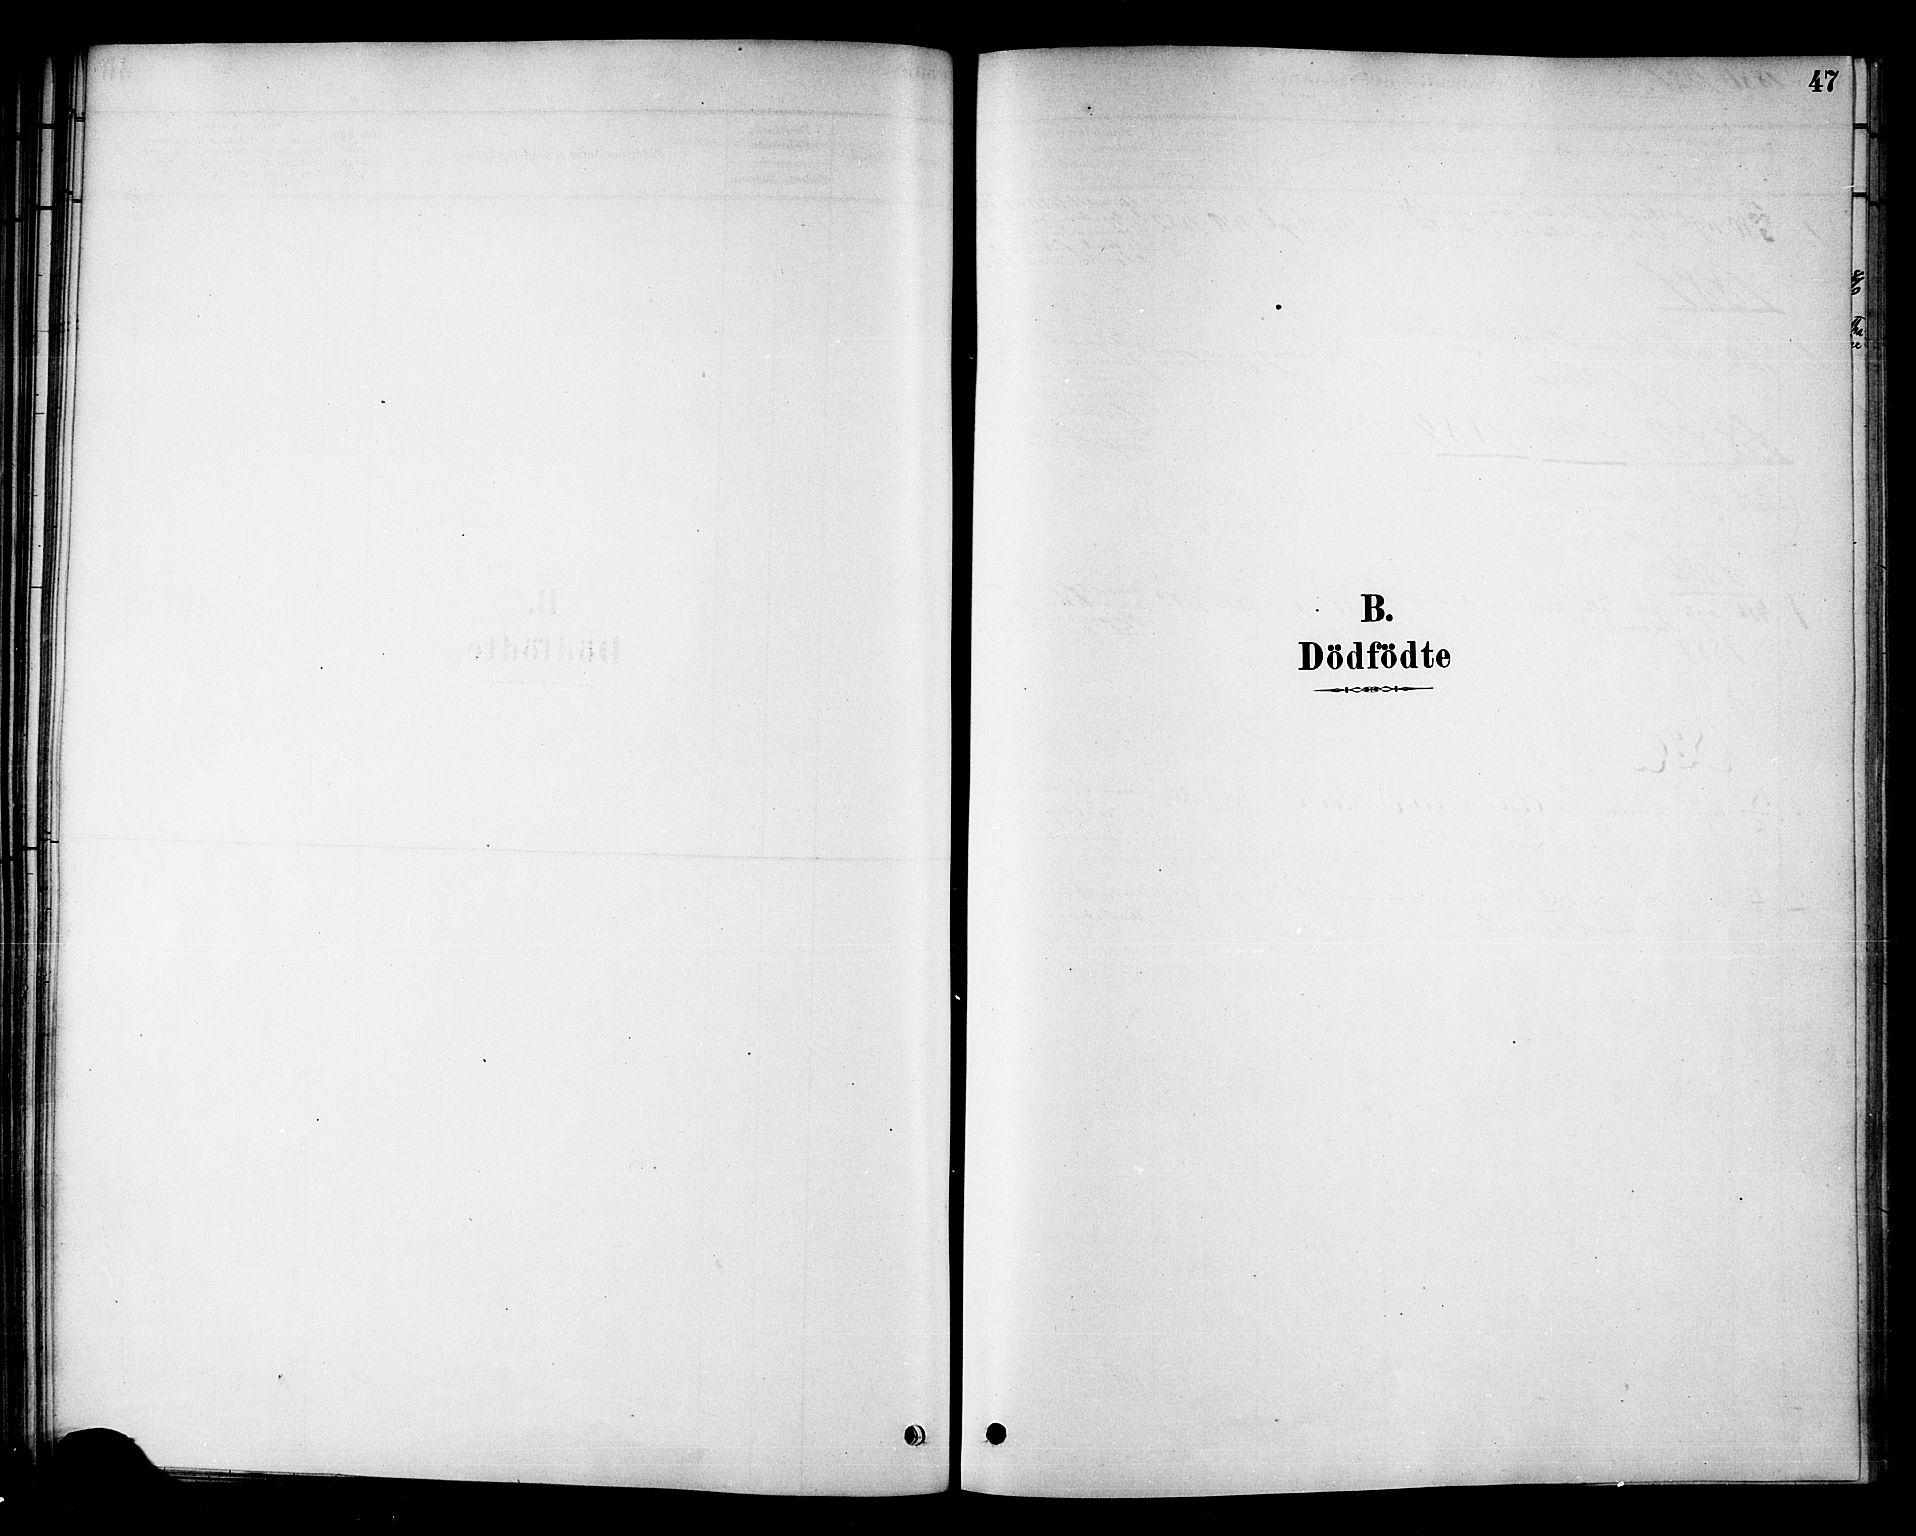 SAT, Ministerialprotokoller, klokkerbøker og fødselsregistre - Nord-Trøndelag, 742/L0408: Ministerialbok nr. 742A01, 1878-1890, s. 47